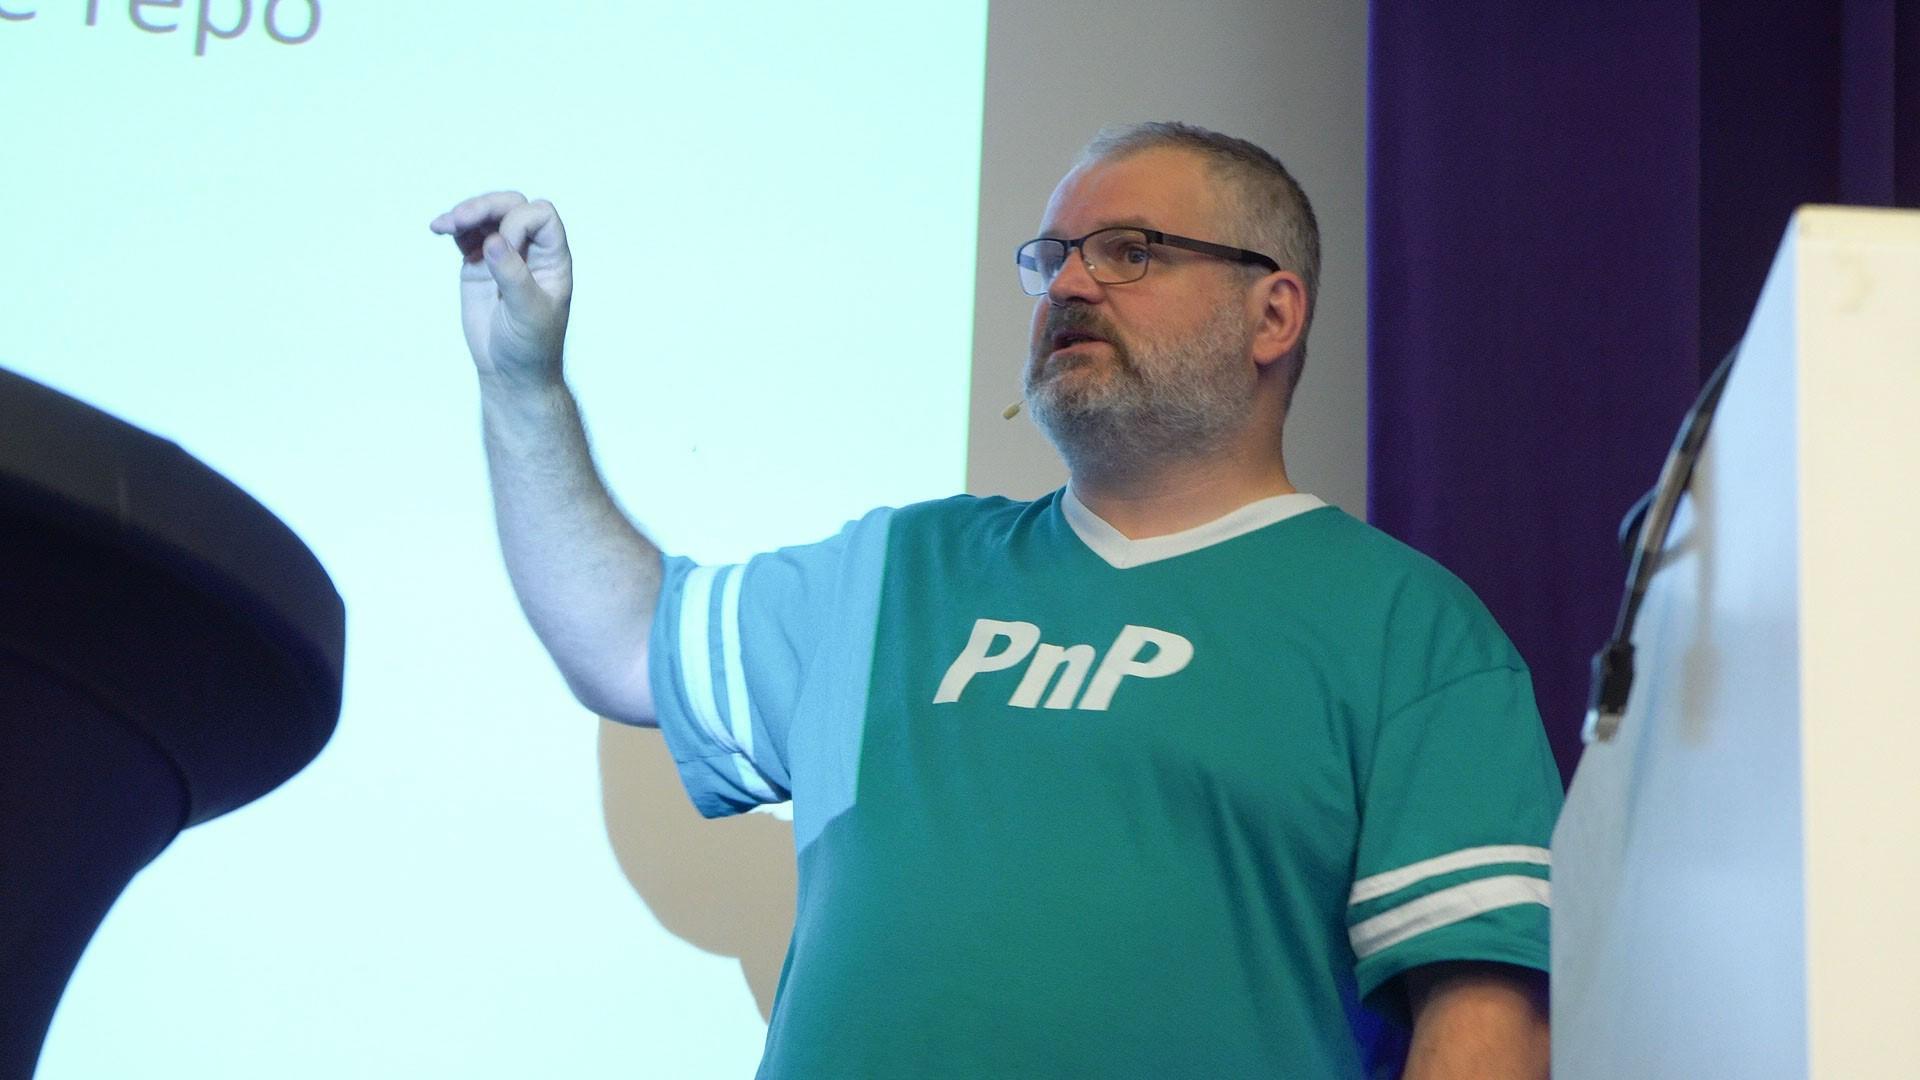 Erwin van Hunen at a PnP Event